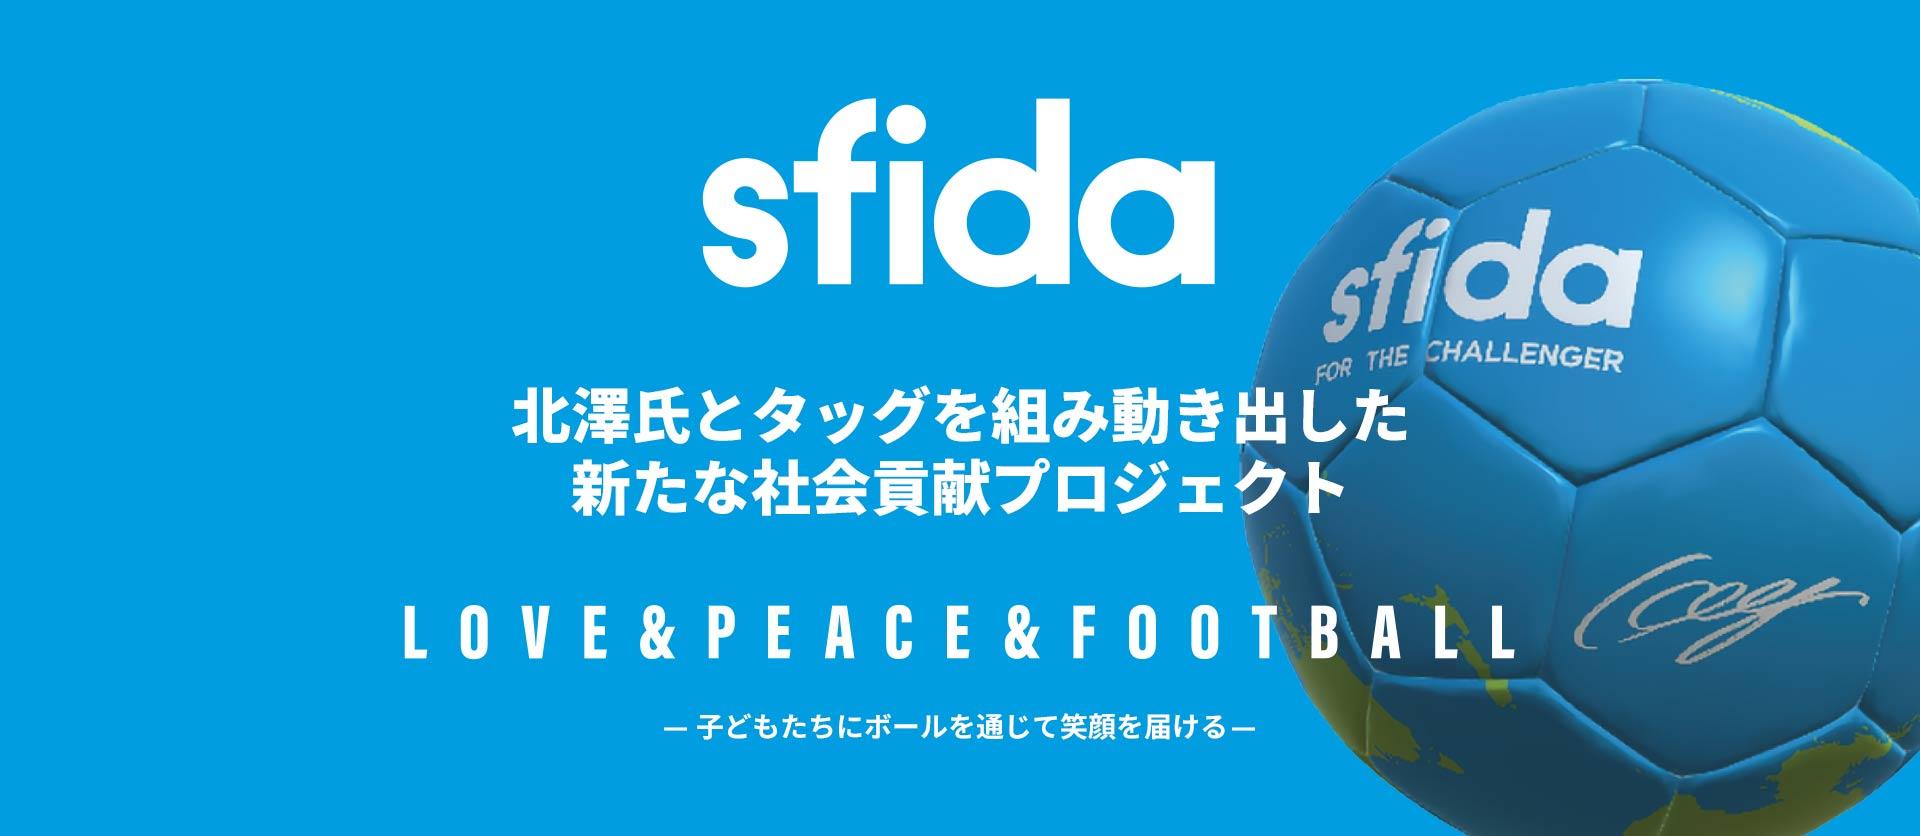 北澤氏とタッグを組み動き出した、社会貢献プロジェクト『sfida LOVE & PEACE & FOOTBALL』